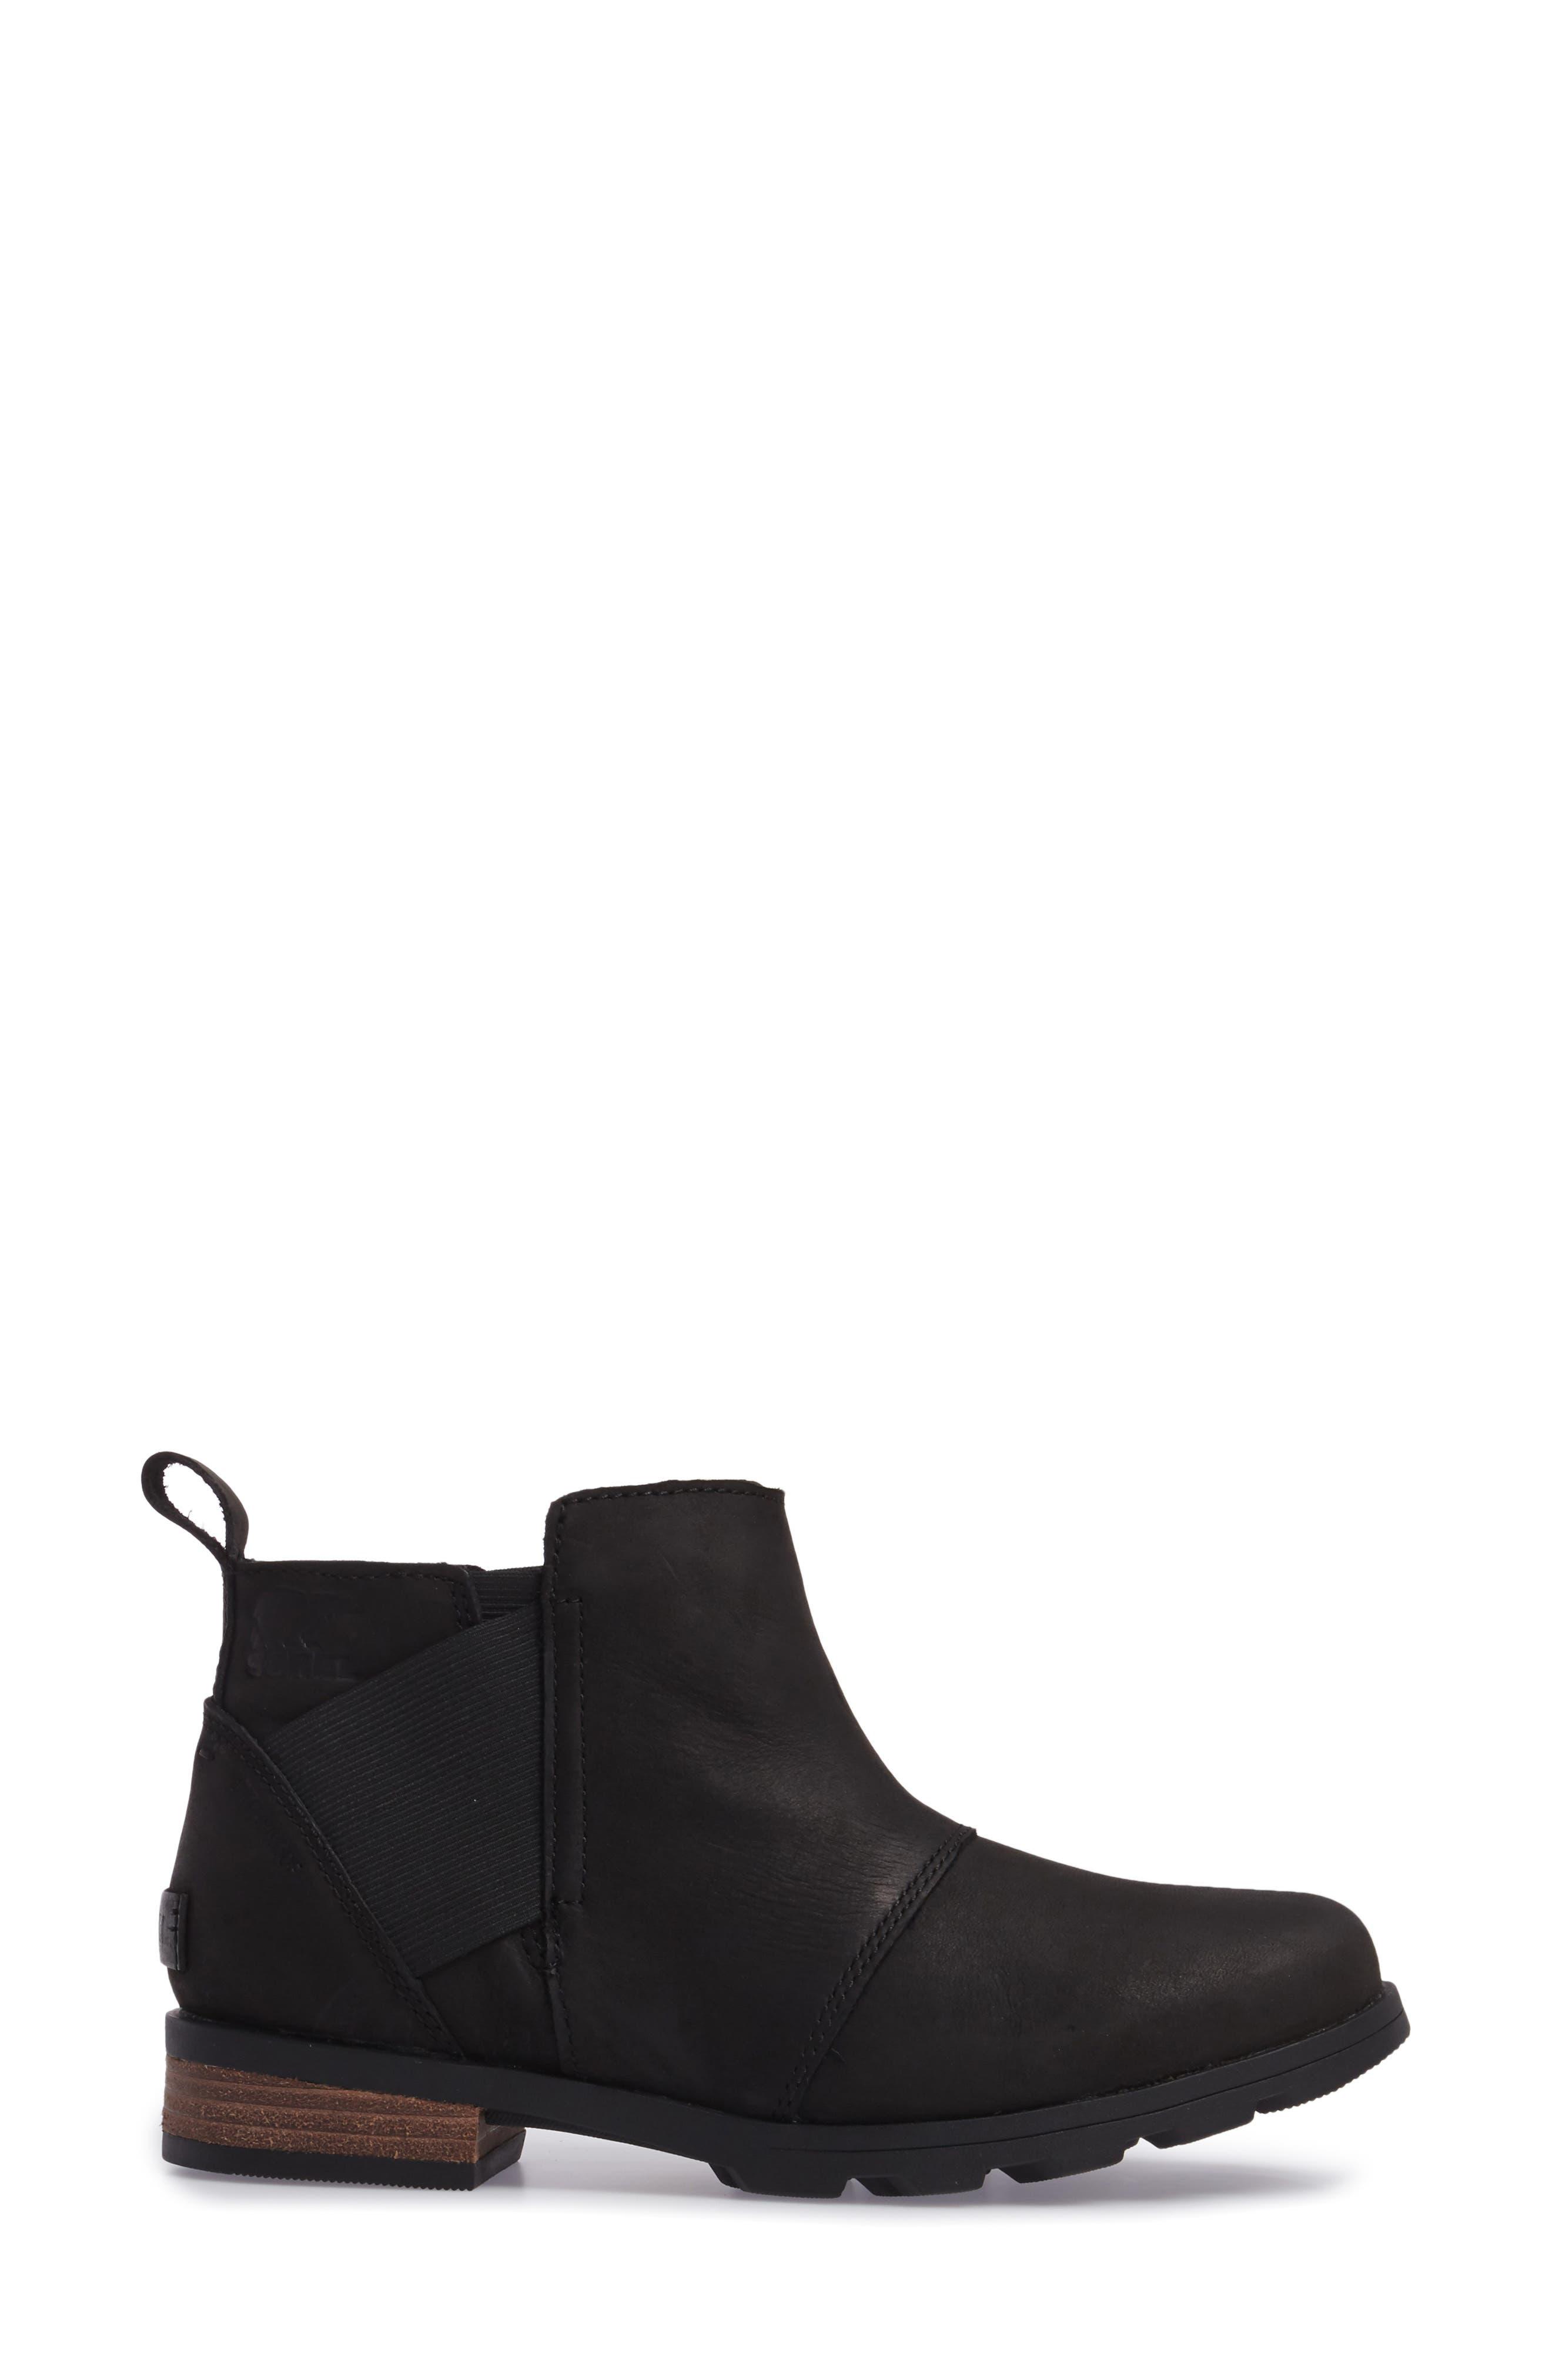 Emelie Waterproof Chelsea Boot,                             Alternate thumbnail 3, color,                             Black/ Black